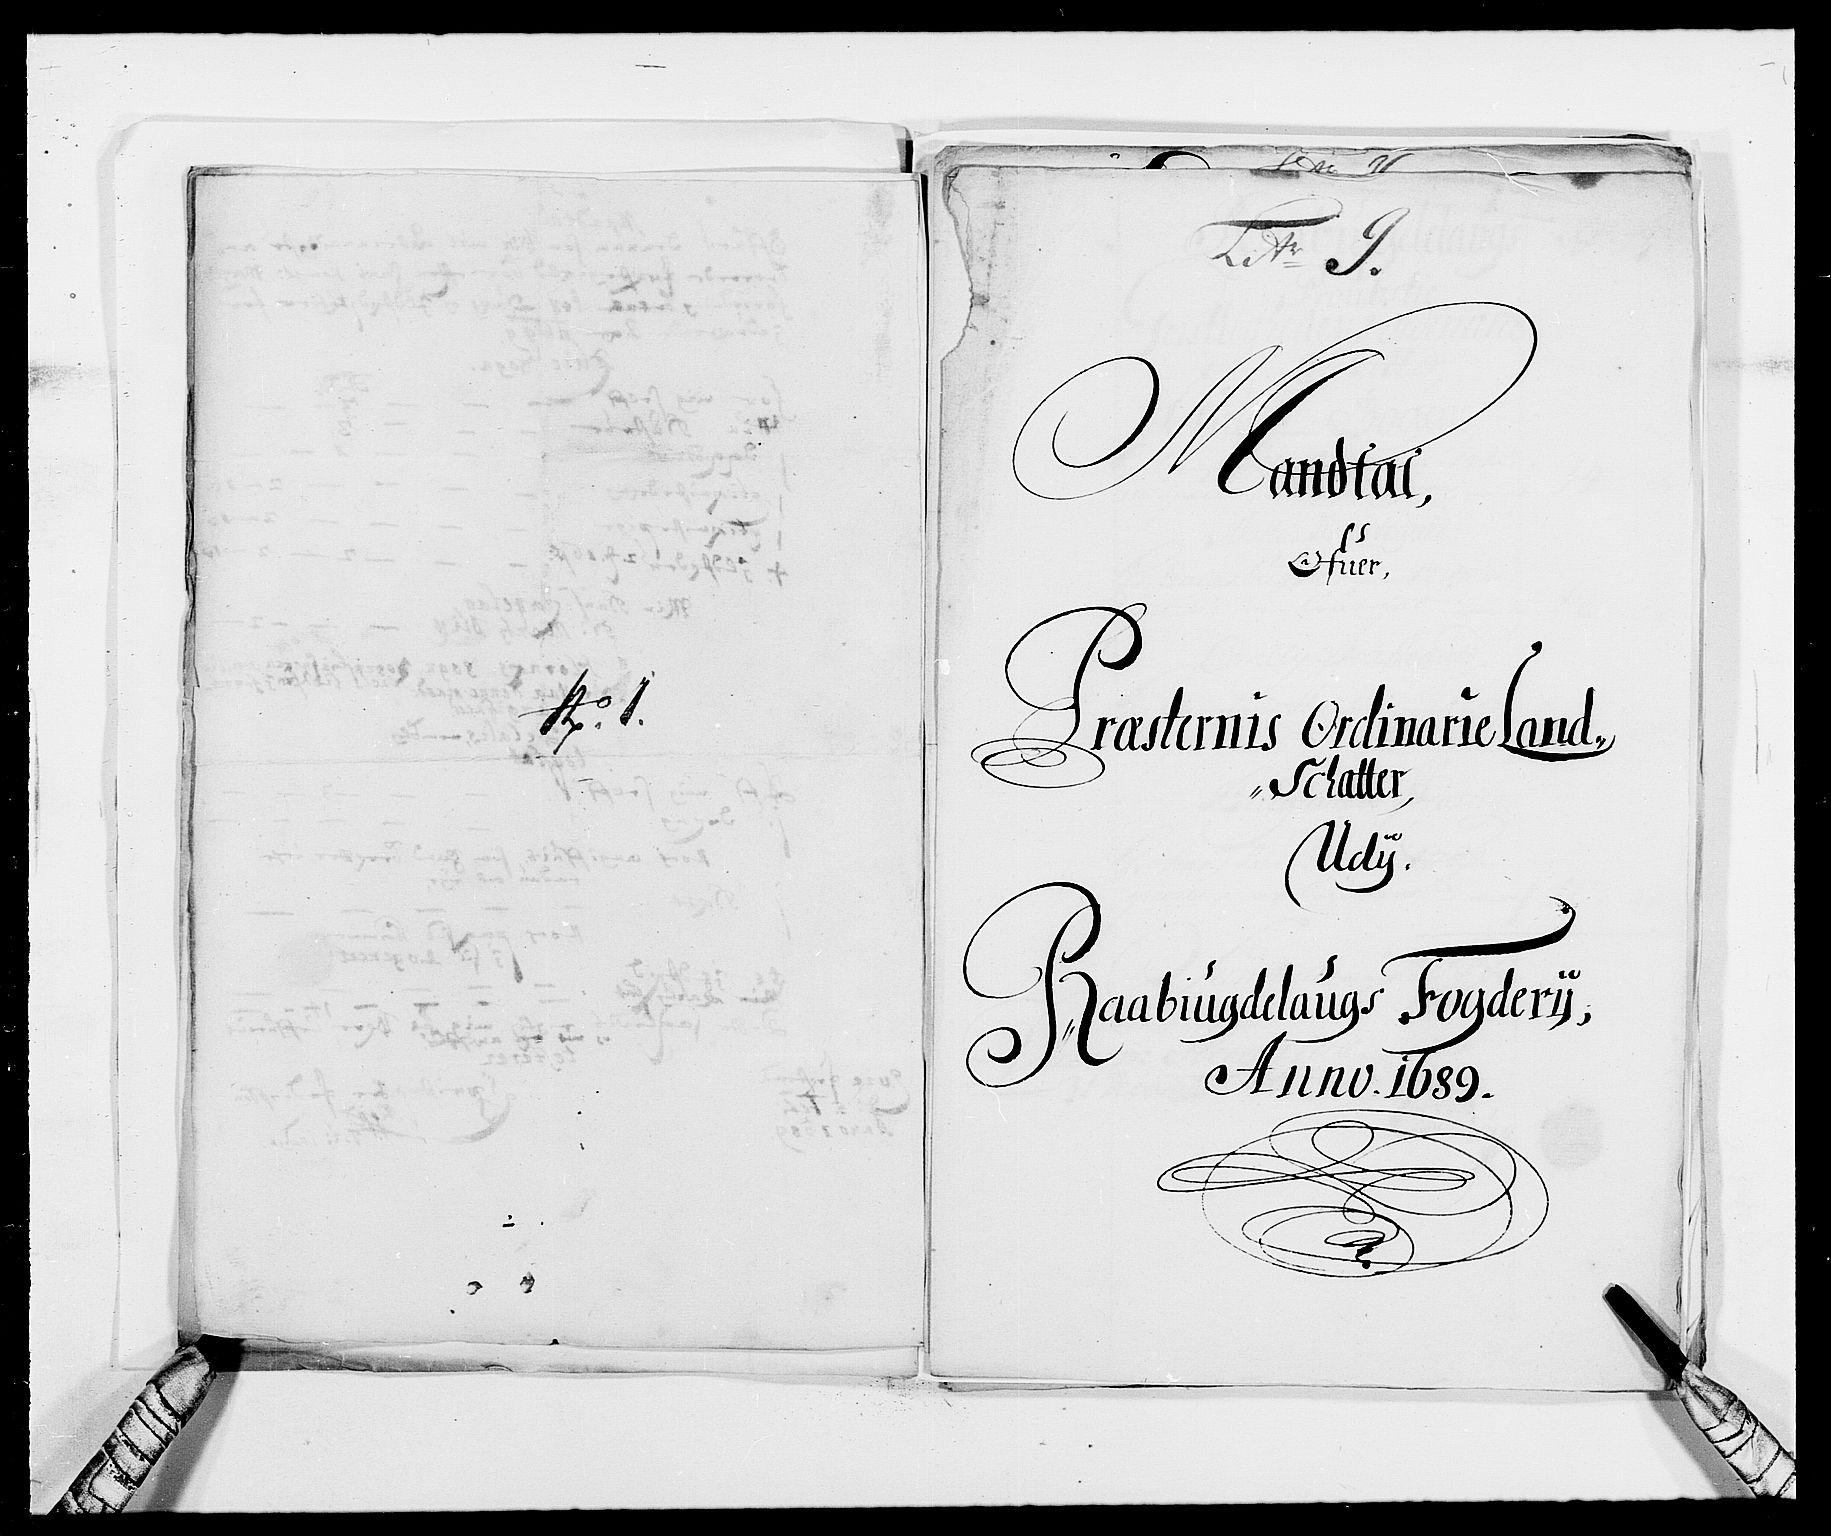 RA, Rentekammeret inntil 1814, Reviderte regnskaper, Fogderegnskap, R40/L2442: Fogderegnskap Råbyggelag, 1689-1690, s. 92